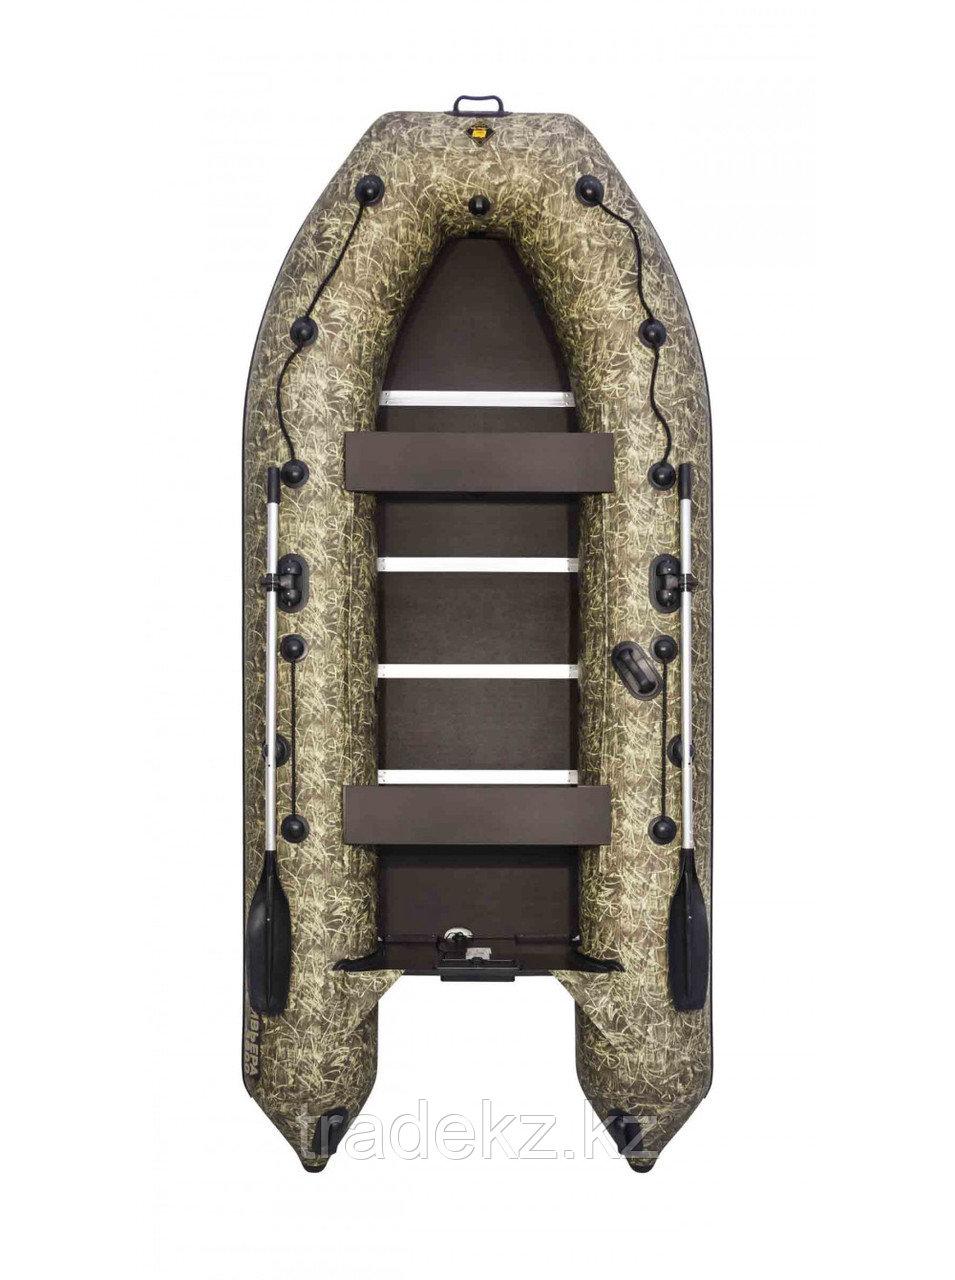 Лодка ПВХ Ривьера Компакт 3600 СК камуфляж камыш